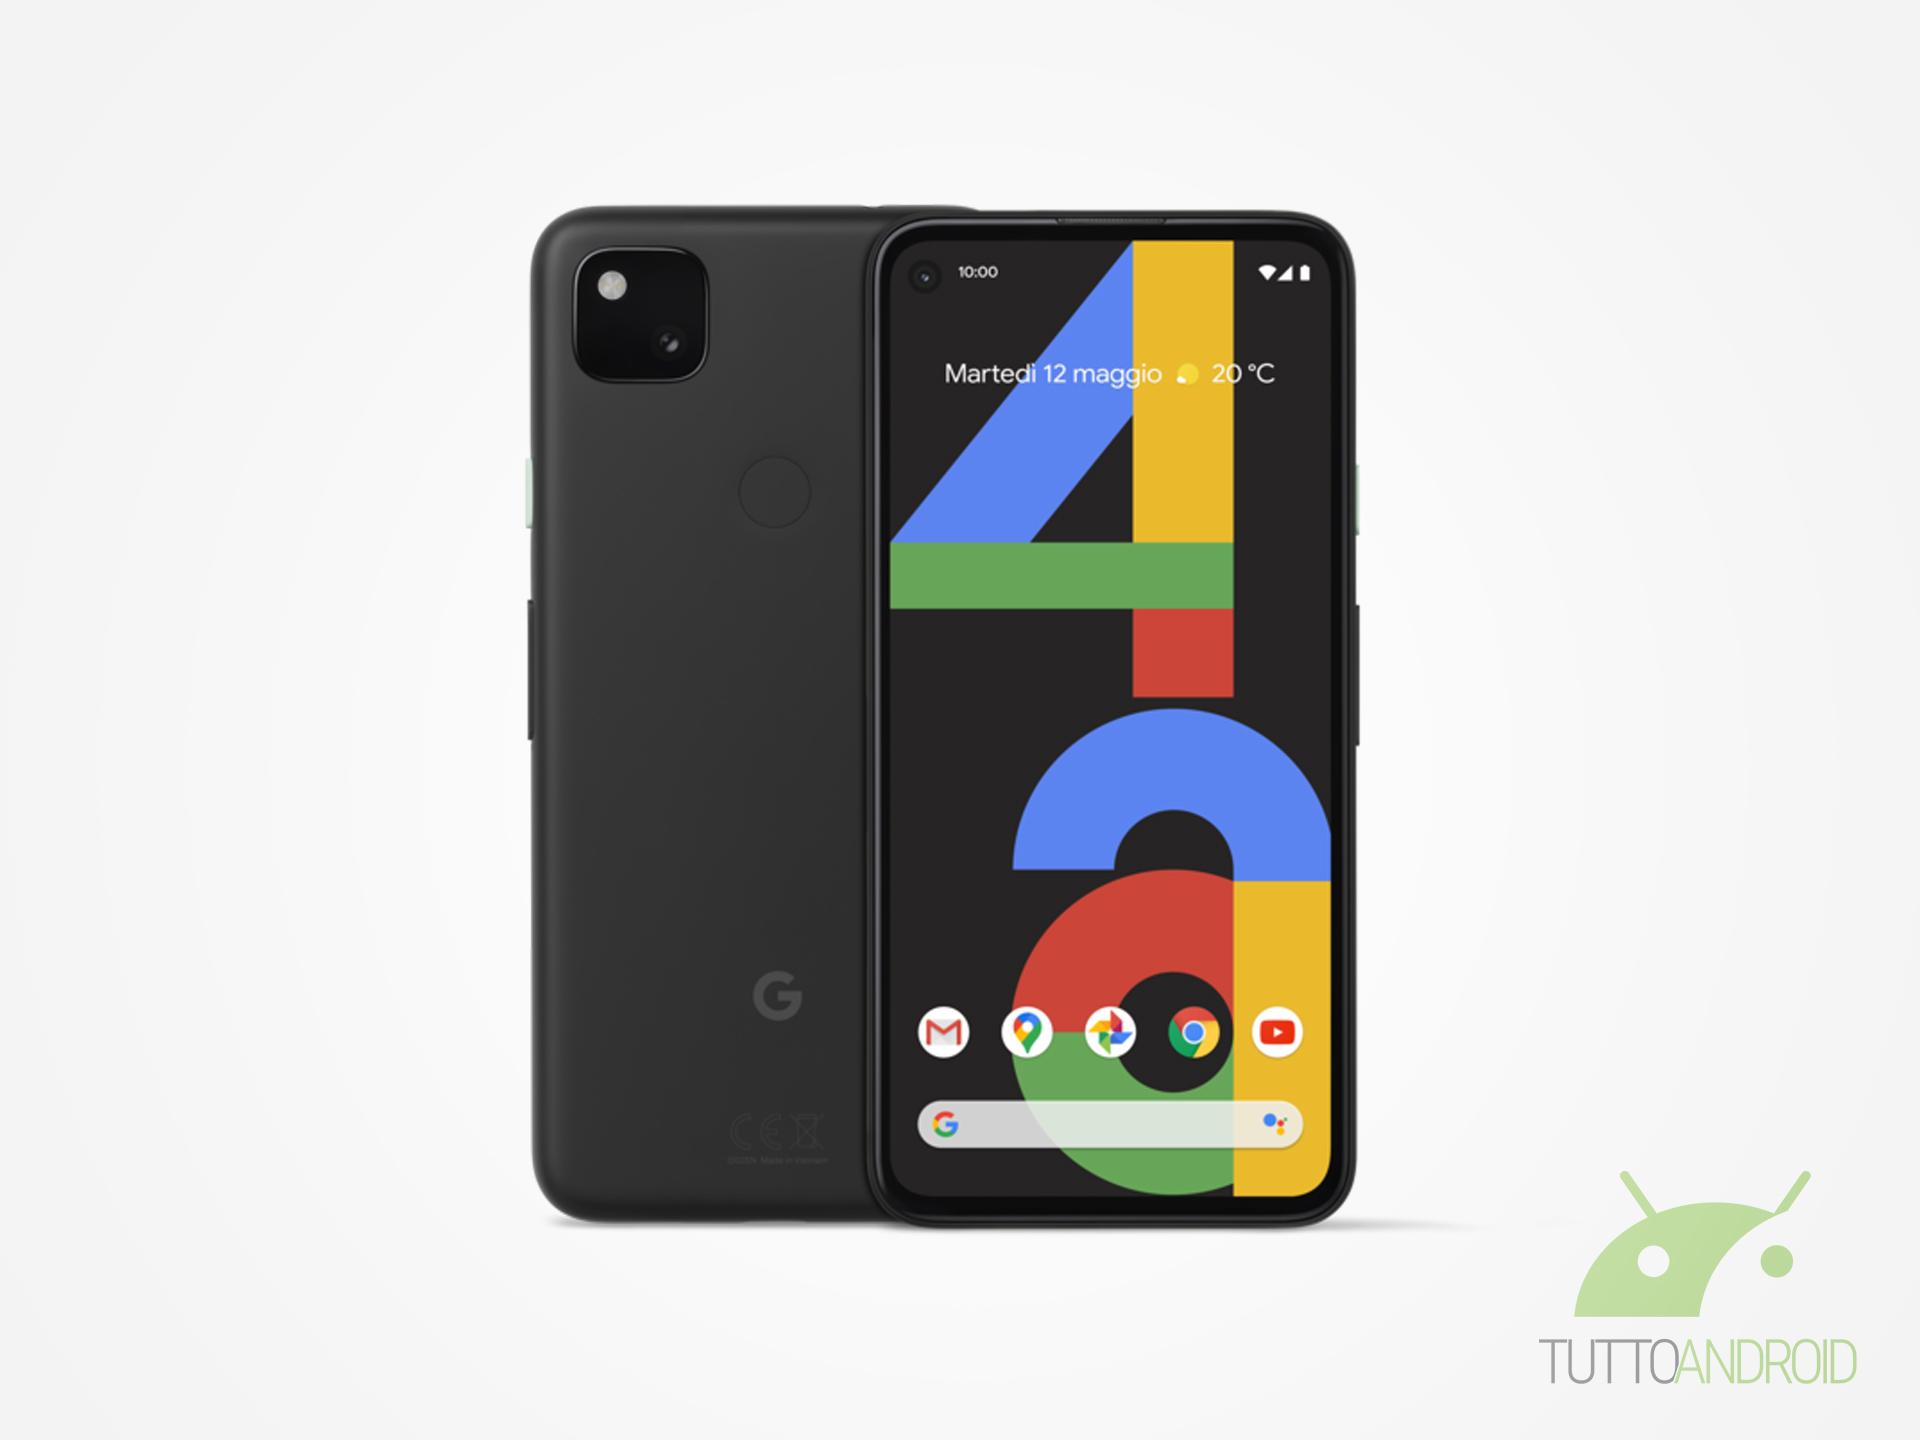 L'attesa è finita: Google Pixel 4a è ufficiale confermando le anticipazioni